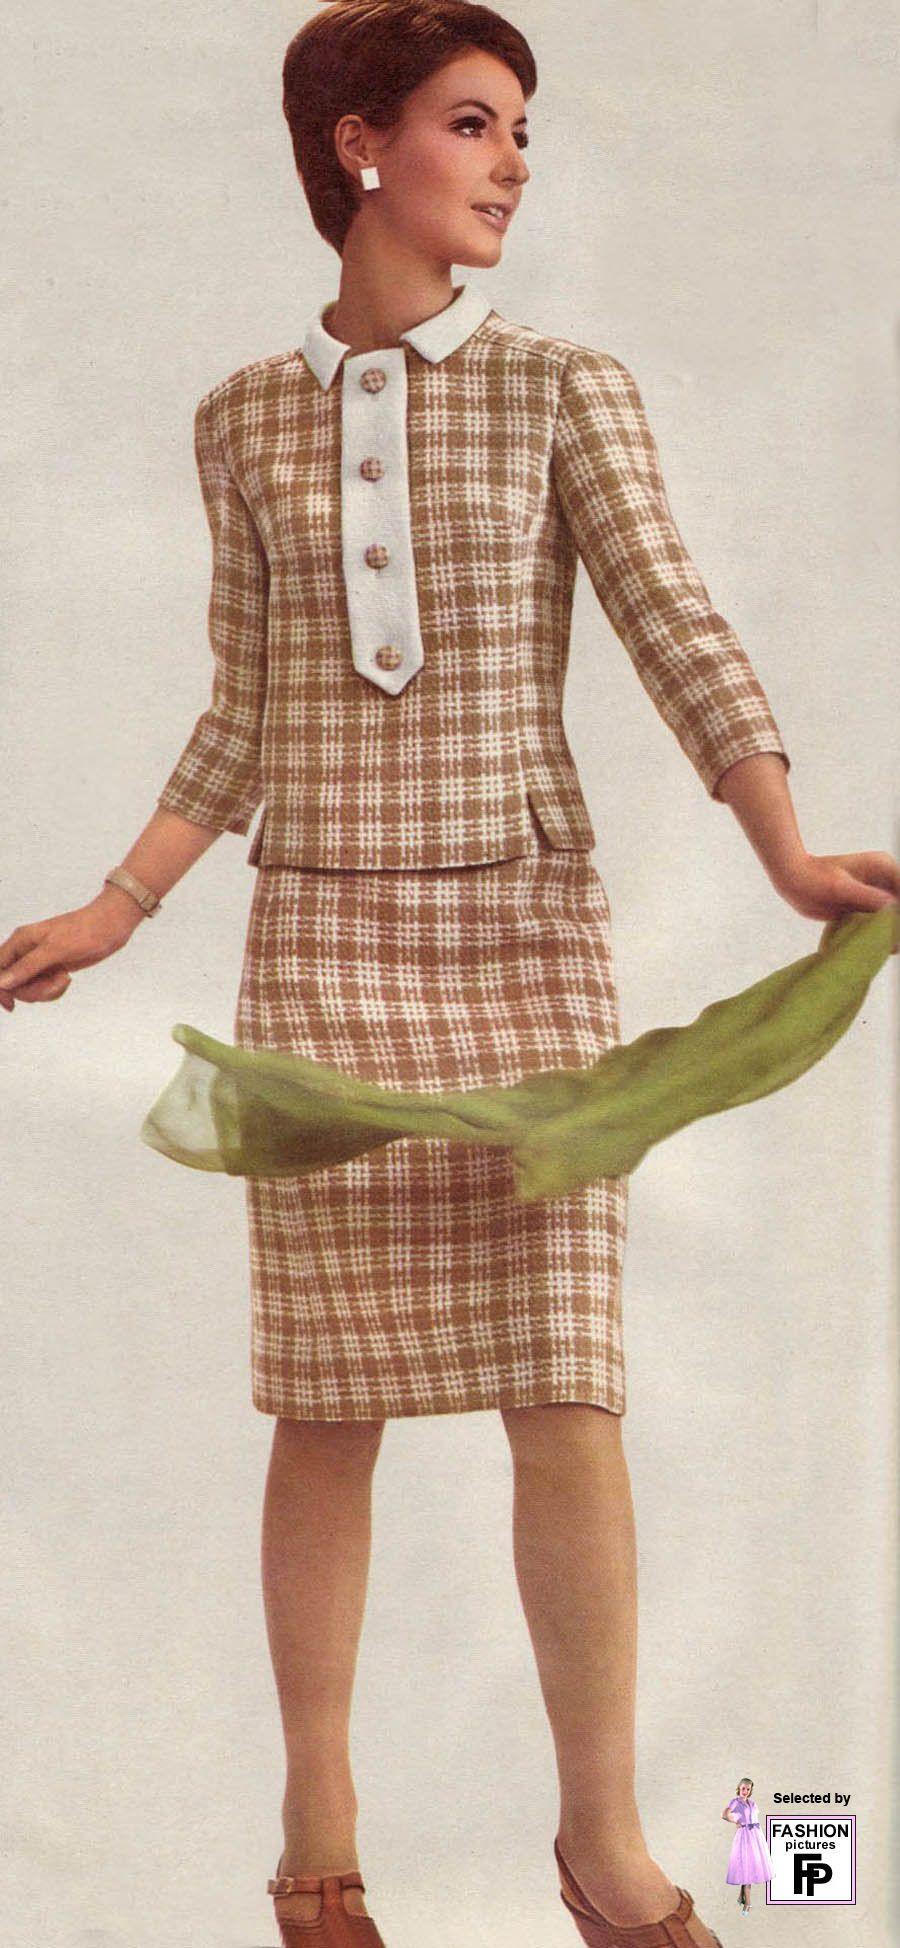 1960s Womens Fashion (1966)